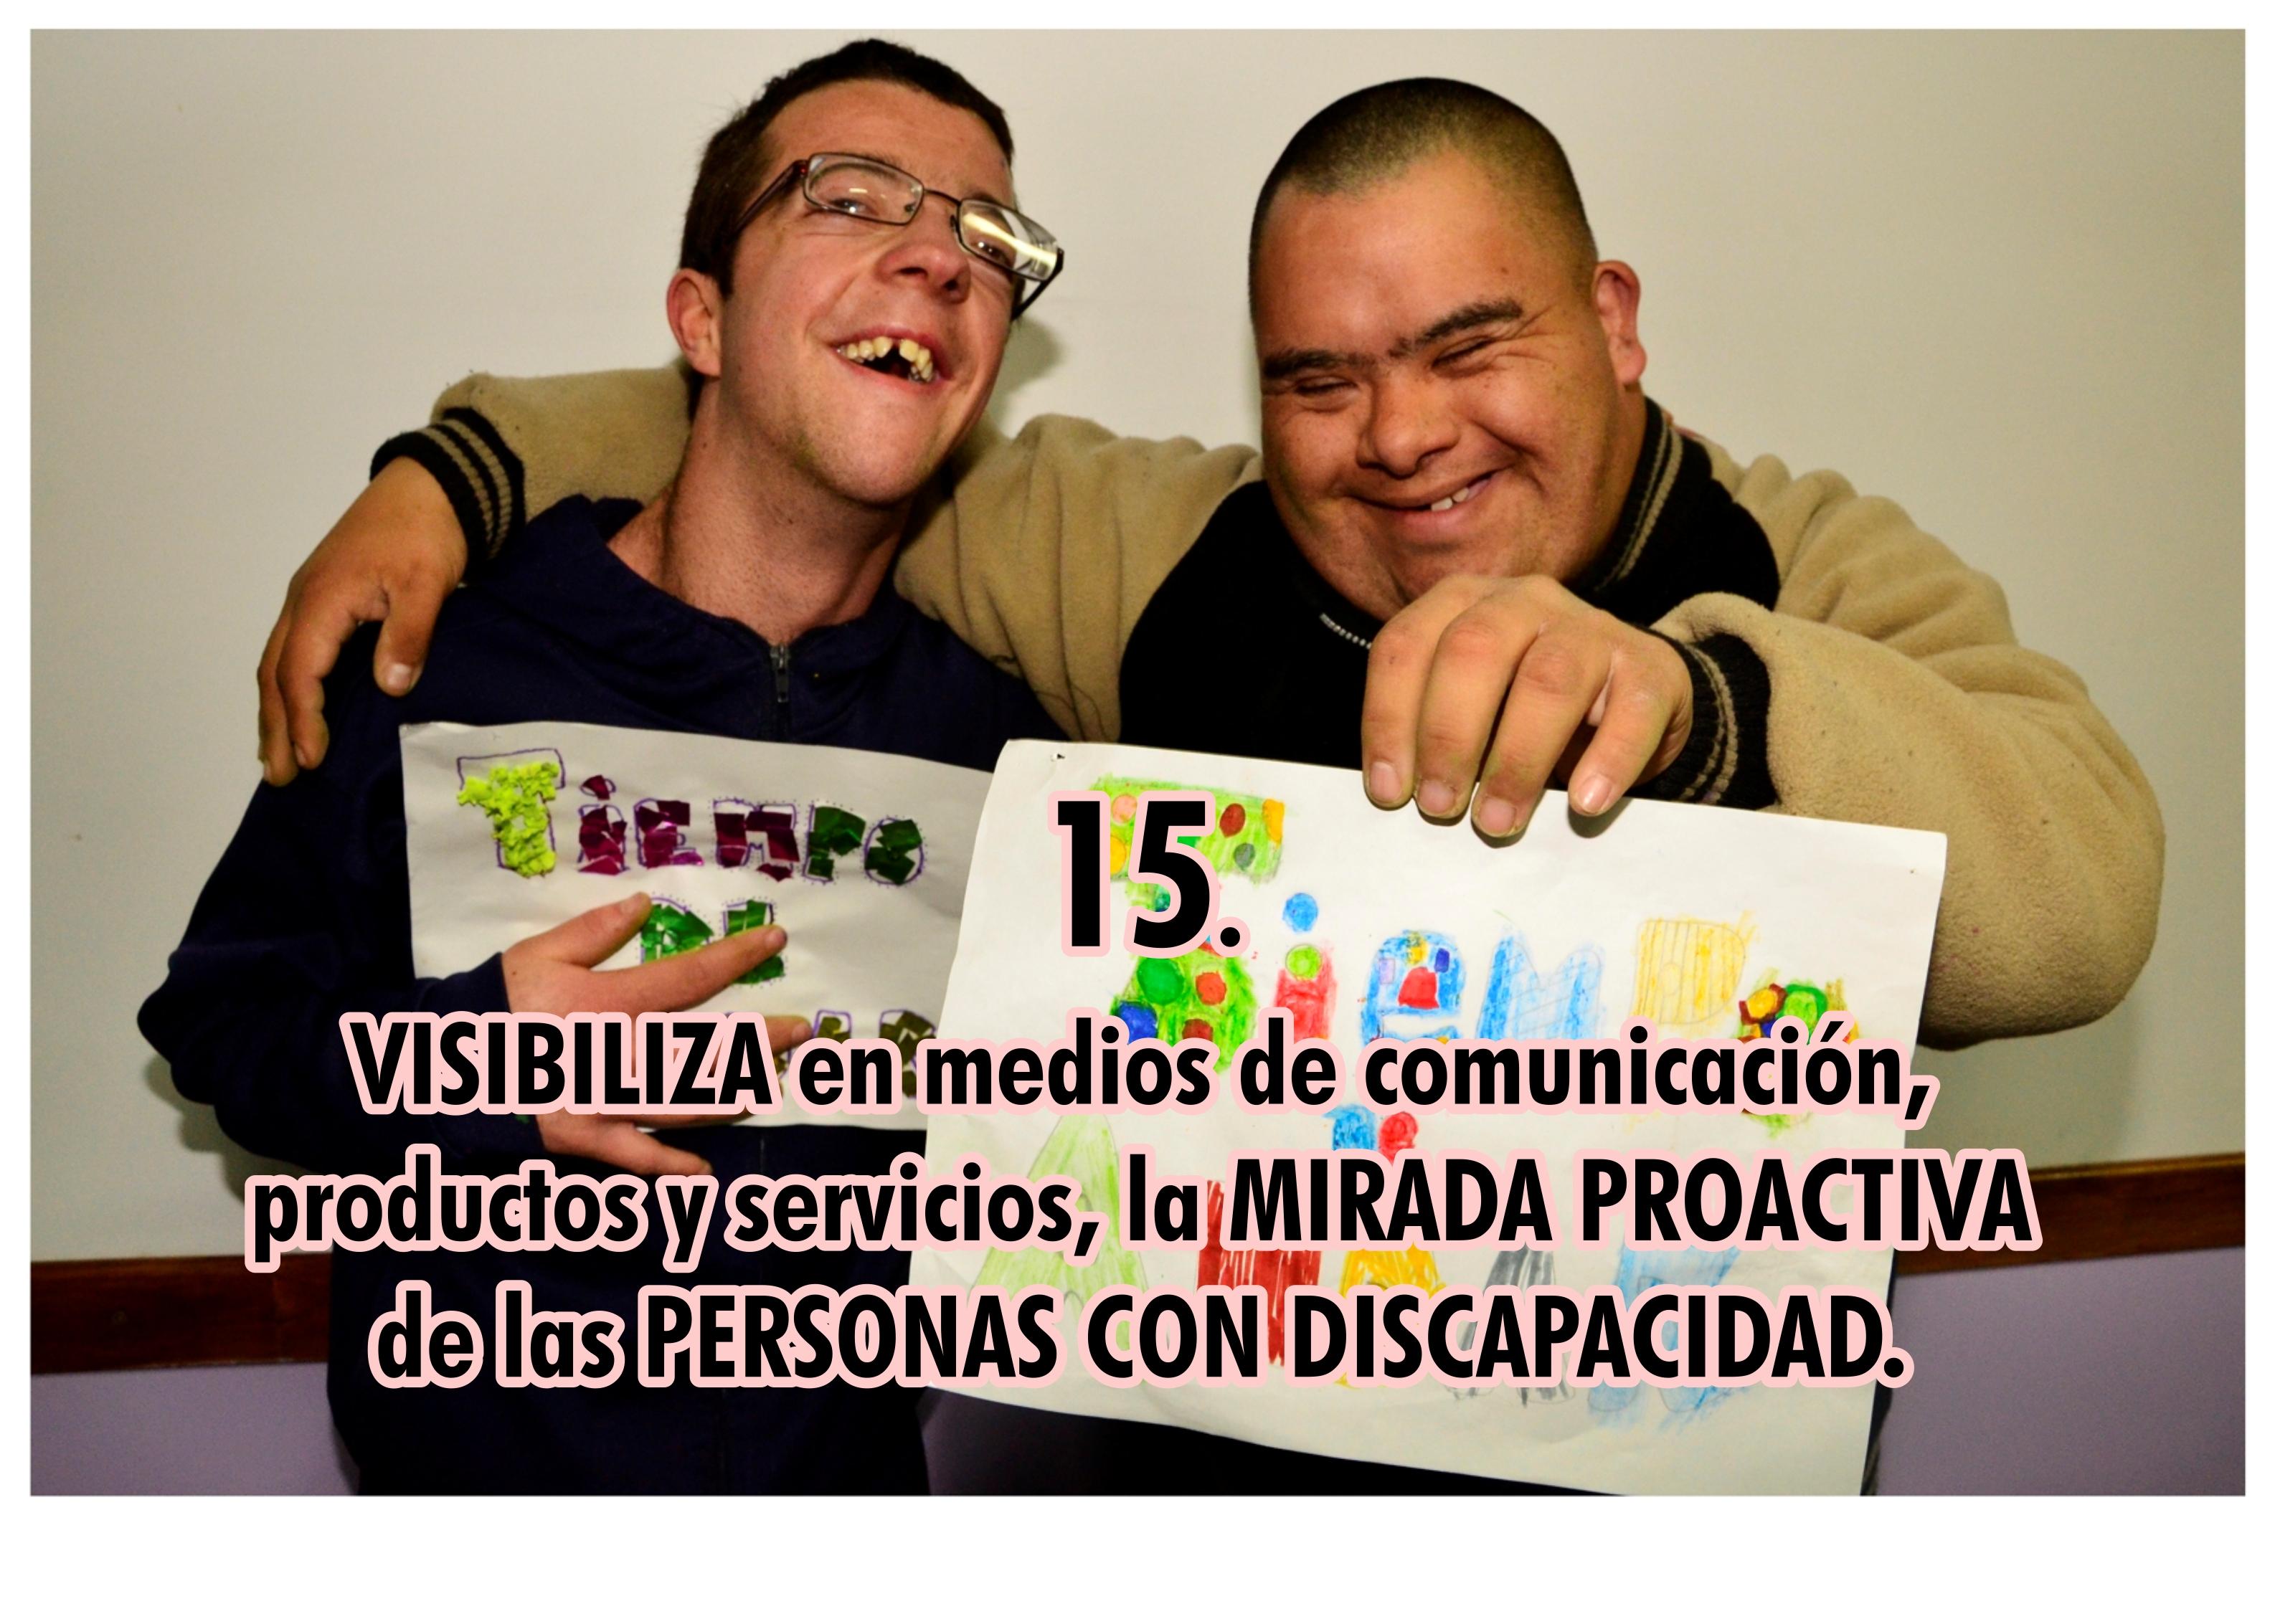 15. VISIBILIZA en medios de comunicación, productos y servicios, la MIRADA PROACTIVA de las PERSONAS CON DISCAPACIDAD.